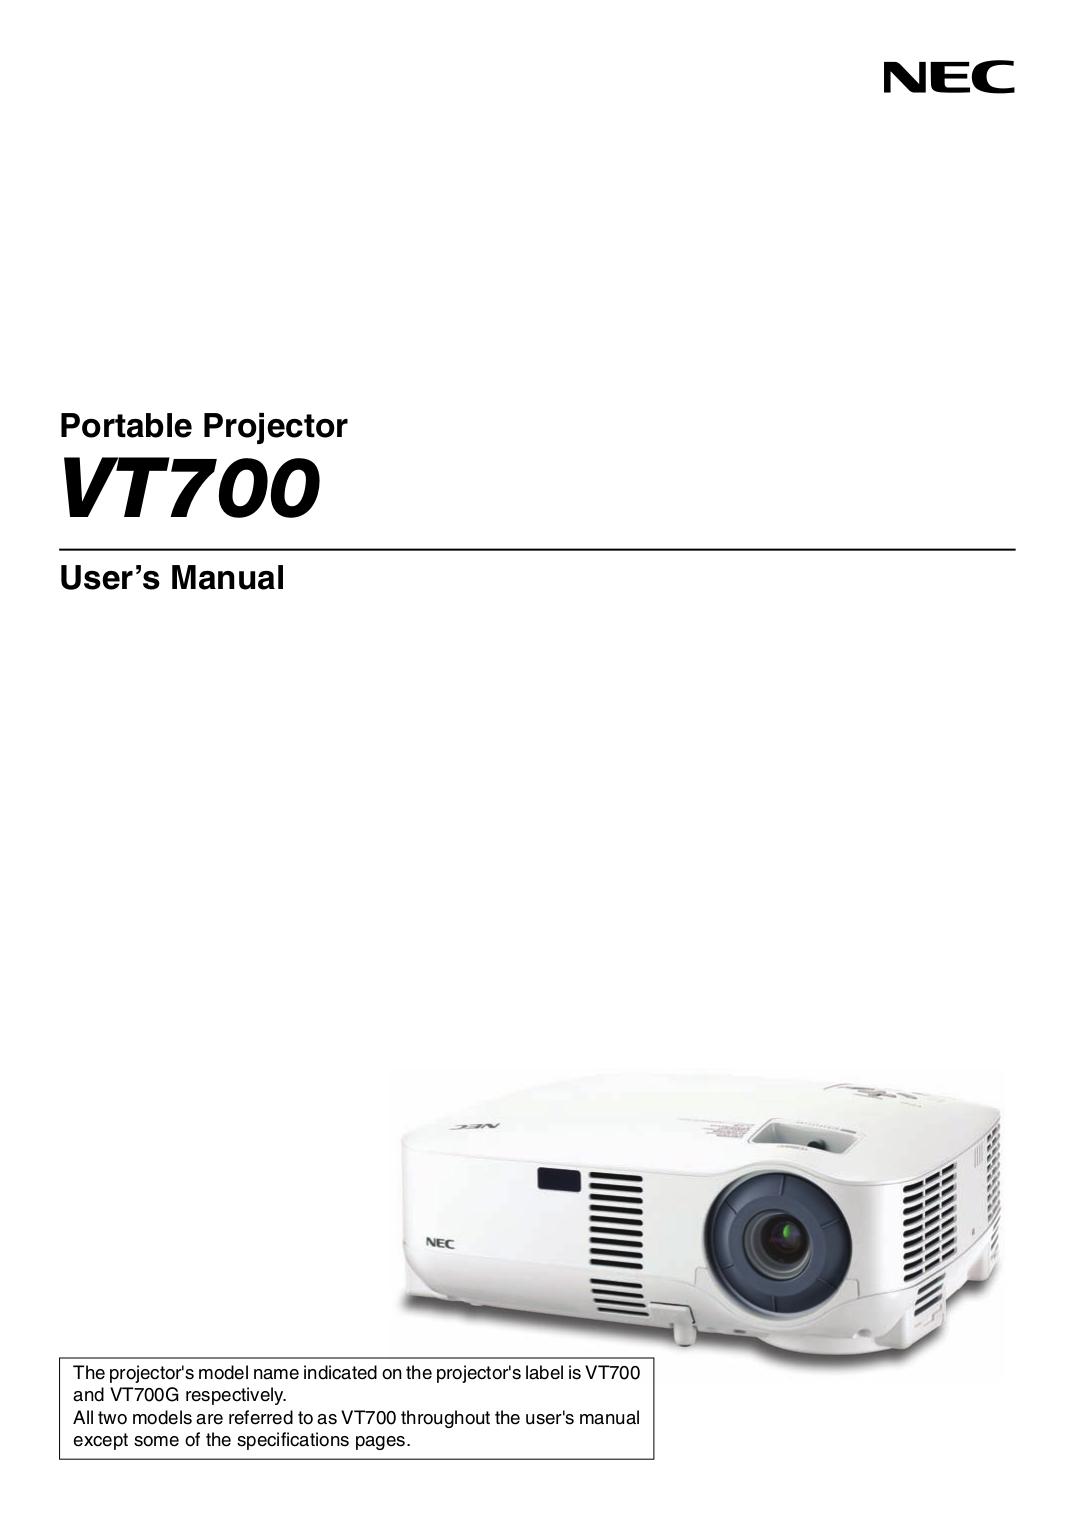 download free pdf for nec vt700 projector manual rh umlib com Ceiling Plate for NEC Projector NEC VT700 Reset